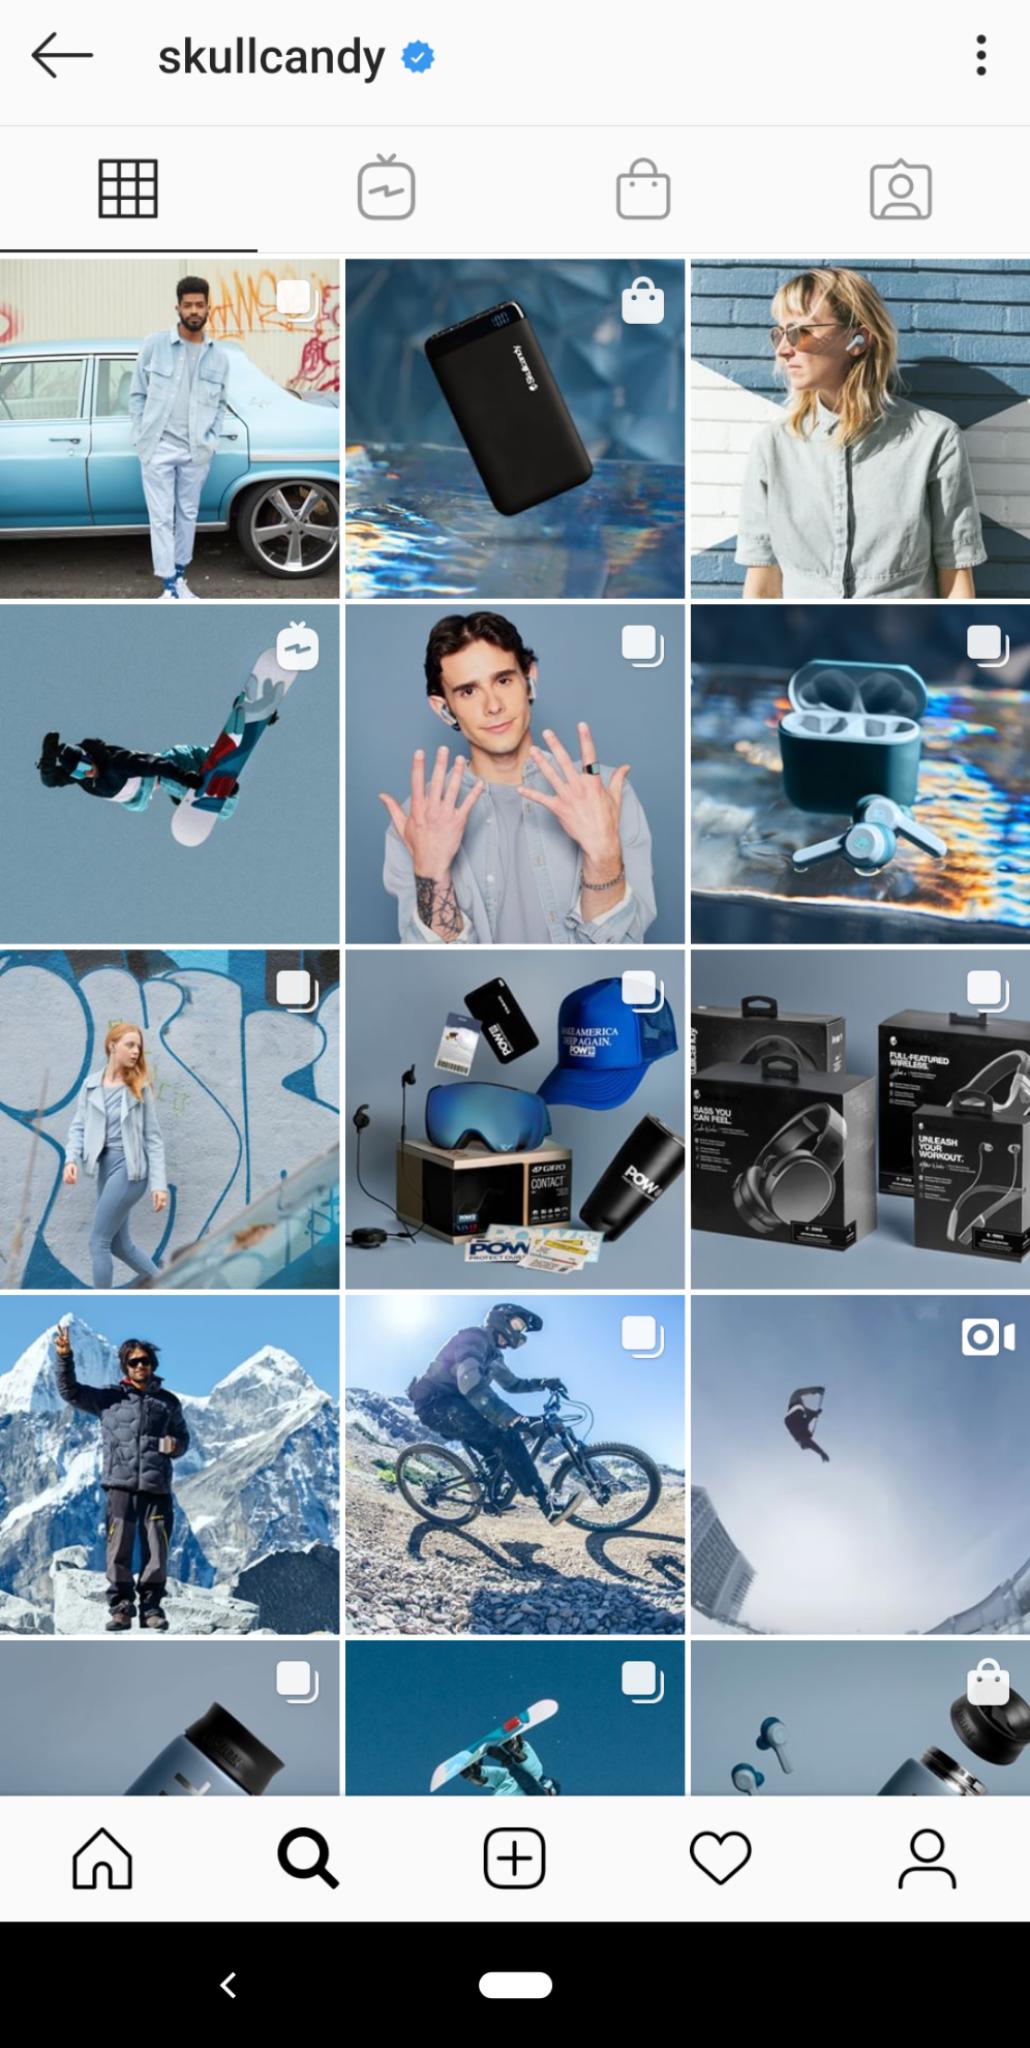 Incluso cuando vendes en Instagram, tu contenido debe ser creativo y llamativo